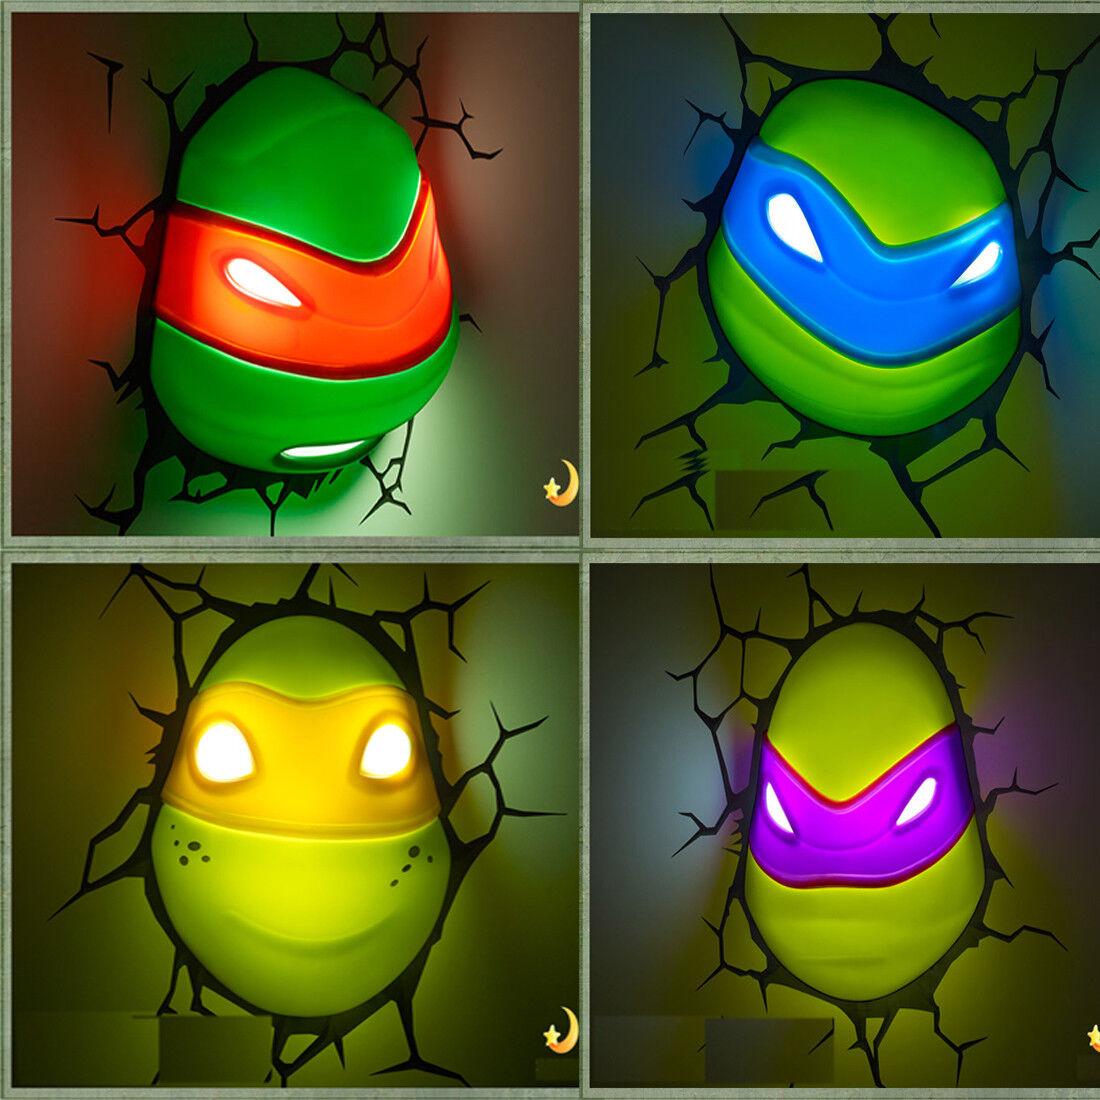 3D FX Wandleuchte Nachtlicht - Teenage Mutant Hero Turtles -Perfektes Geschenk | Angemessener Preis